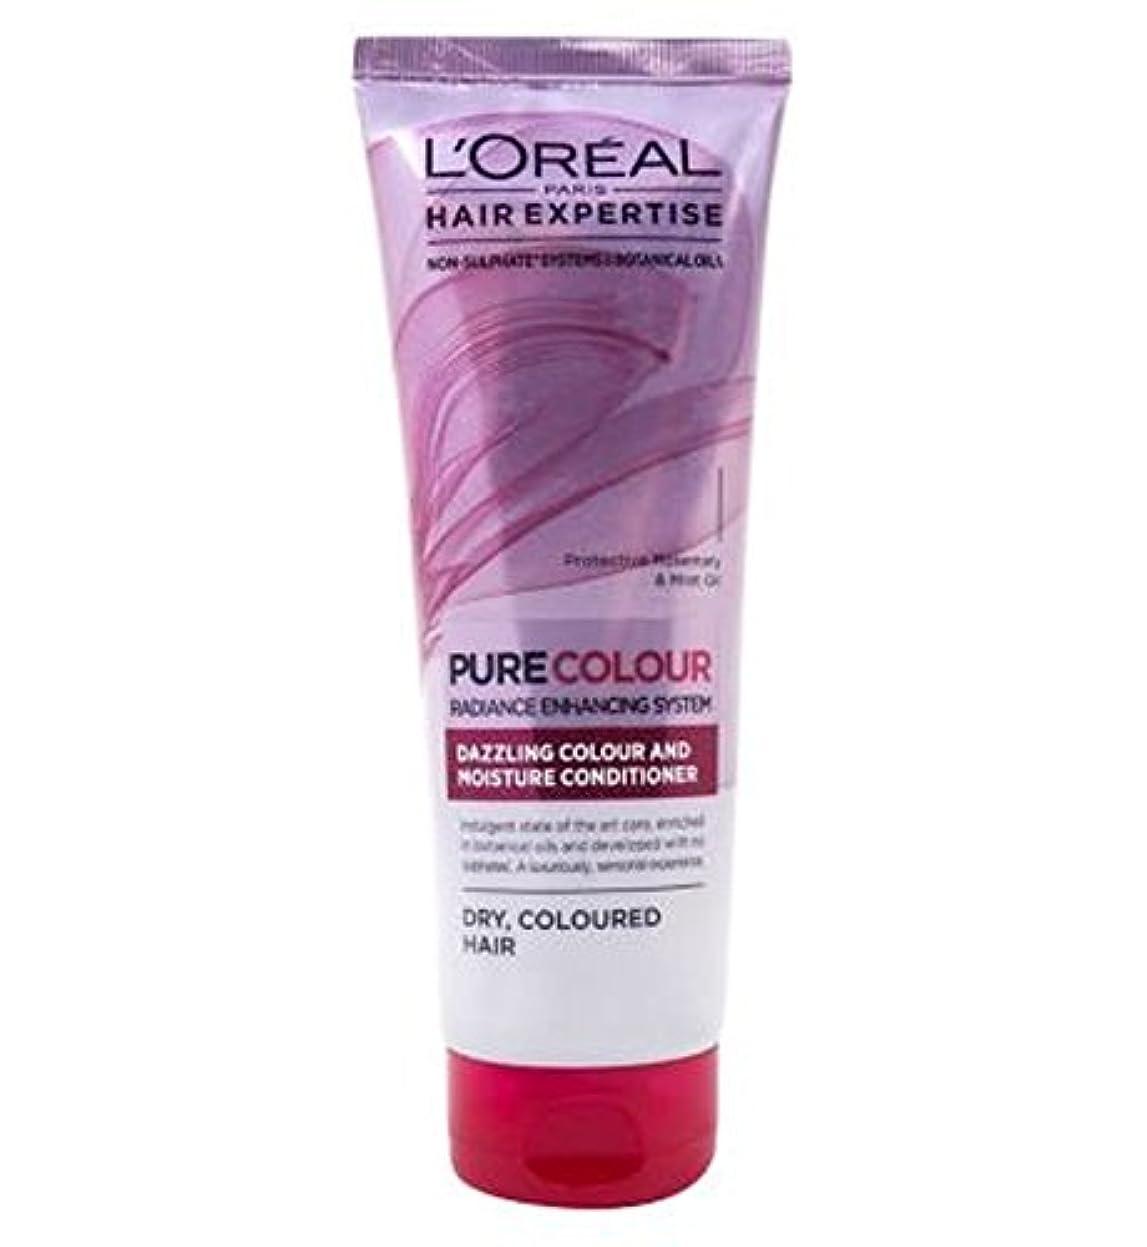 コーラスハードリング誤ってロレアルパリの髪の専門知識の超純粋なカラーケア&水分コンディショナー250Ml (L'Oreal) (x2) - L'Oreal Paris Hair Expertise SuperPure Colour Care &...